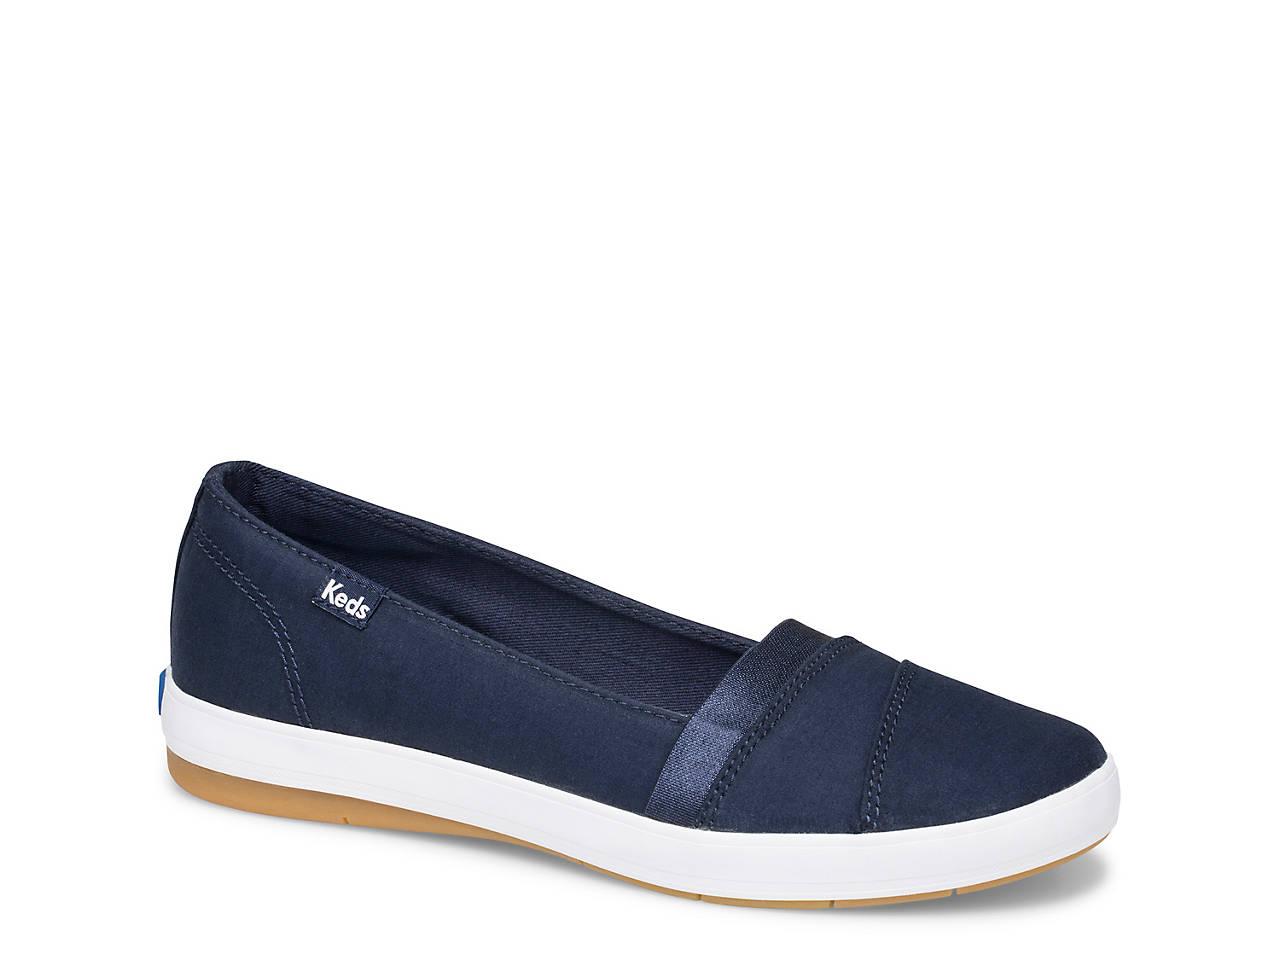 online store bbb02 2fa2a Keds Carmel Slip-On - Women s Women s Shoes   DSW